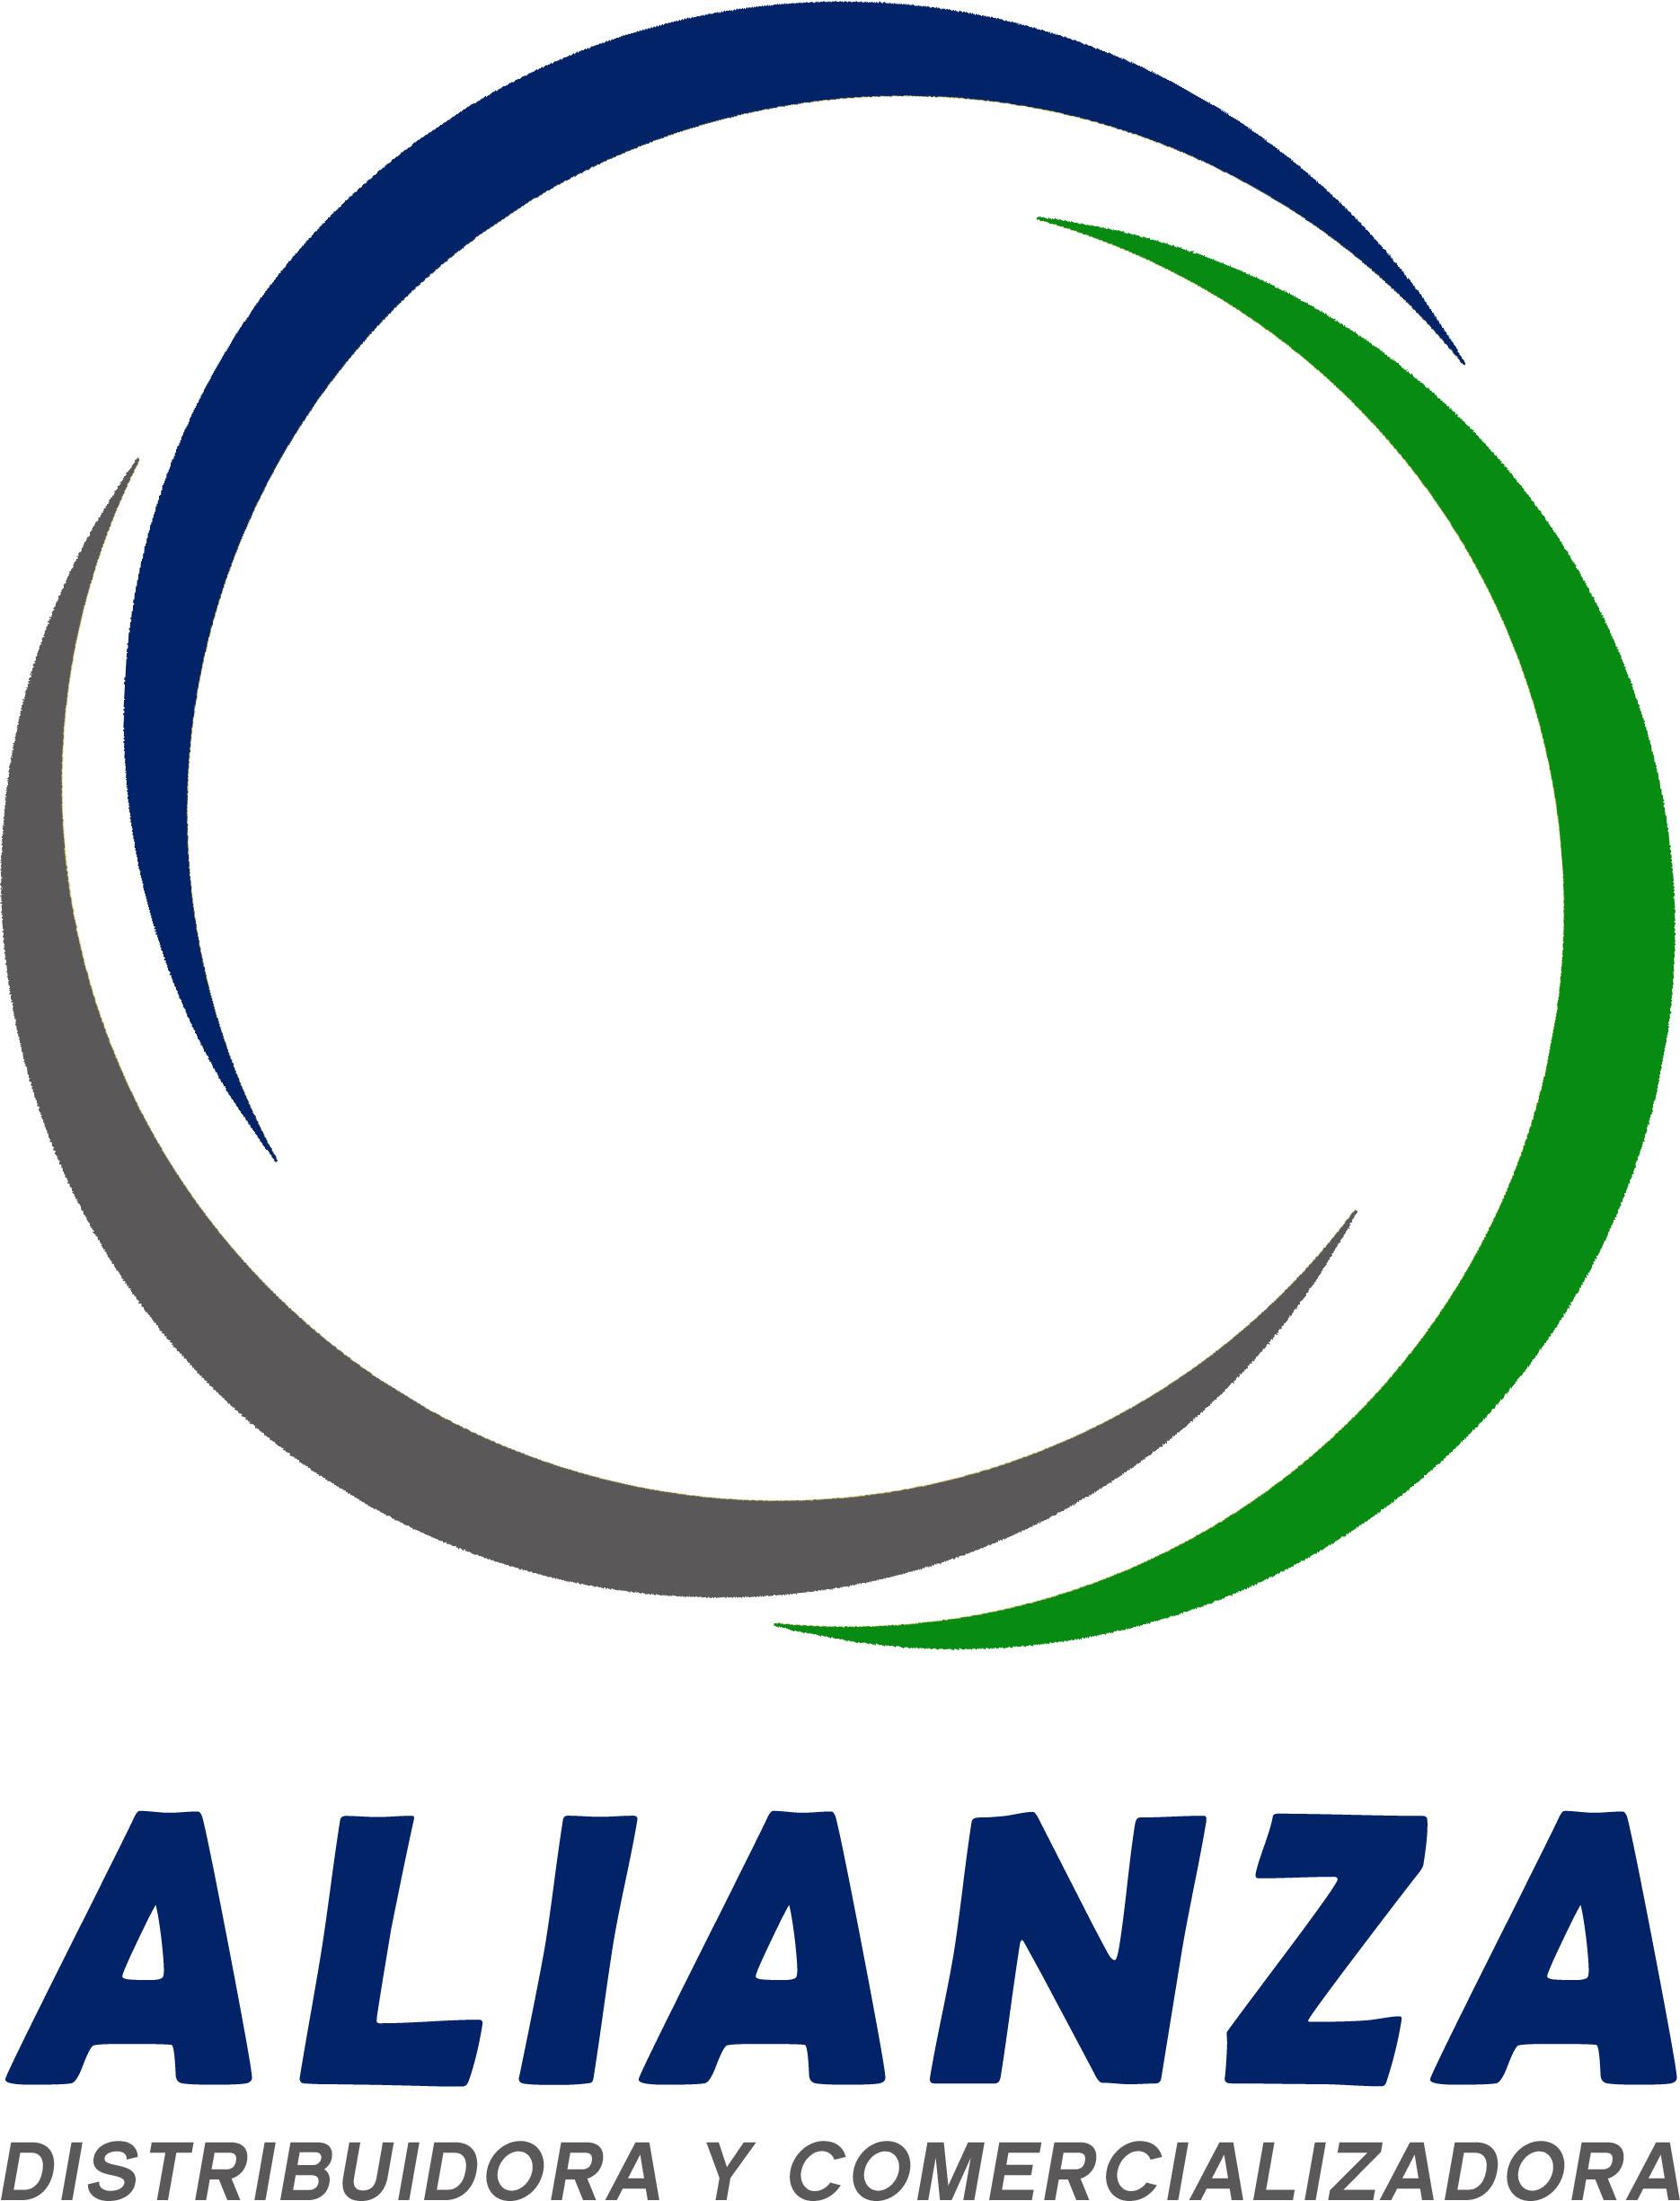 Distribuidora Y Comercializadora Alianza